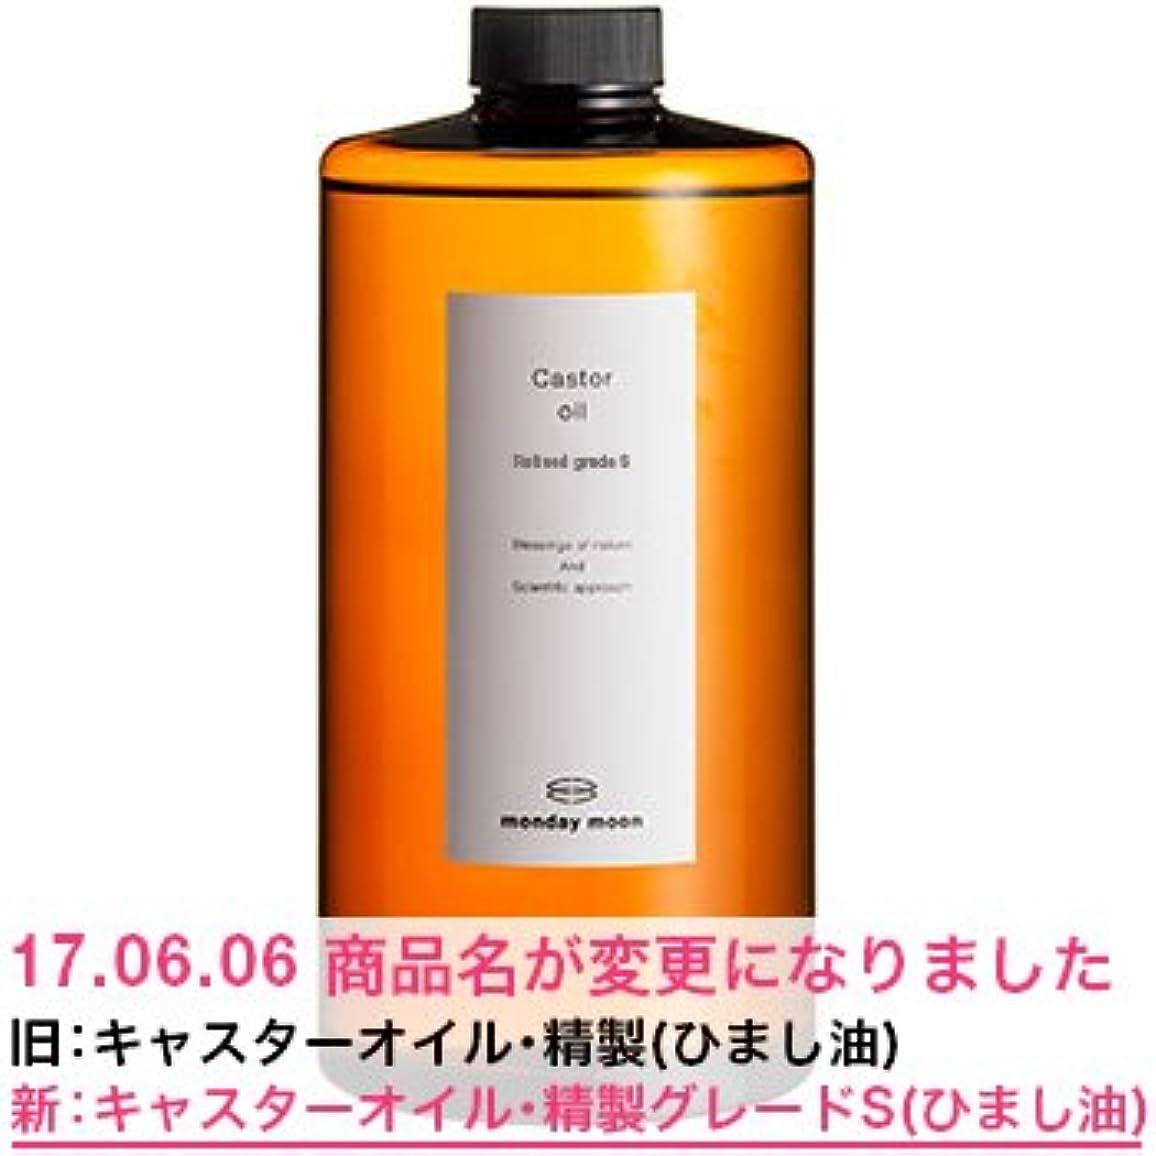 出来事戦闘捨てるひまし油?精製グレードS(キャスターオイル)/1000ml